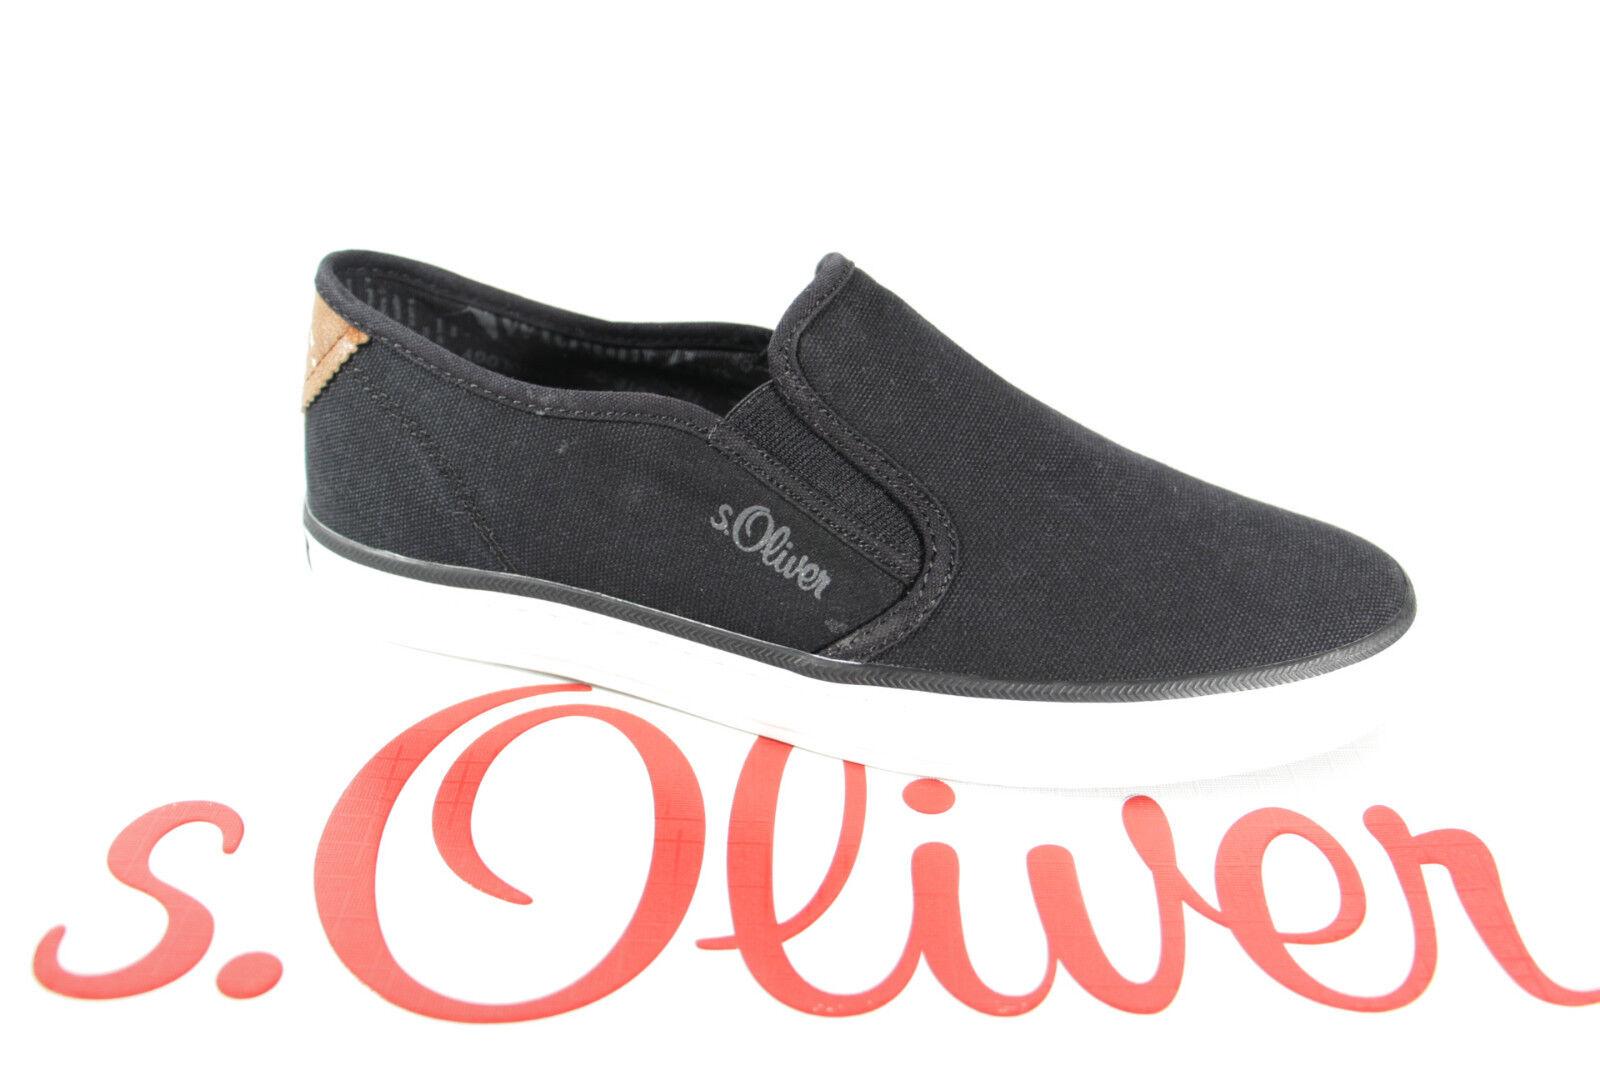 S.Oliver de Zapatillas Mujer Zapatillas Negro, Suela de S.Oliver Goma, Tejido Nuevo 6ebaa1